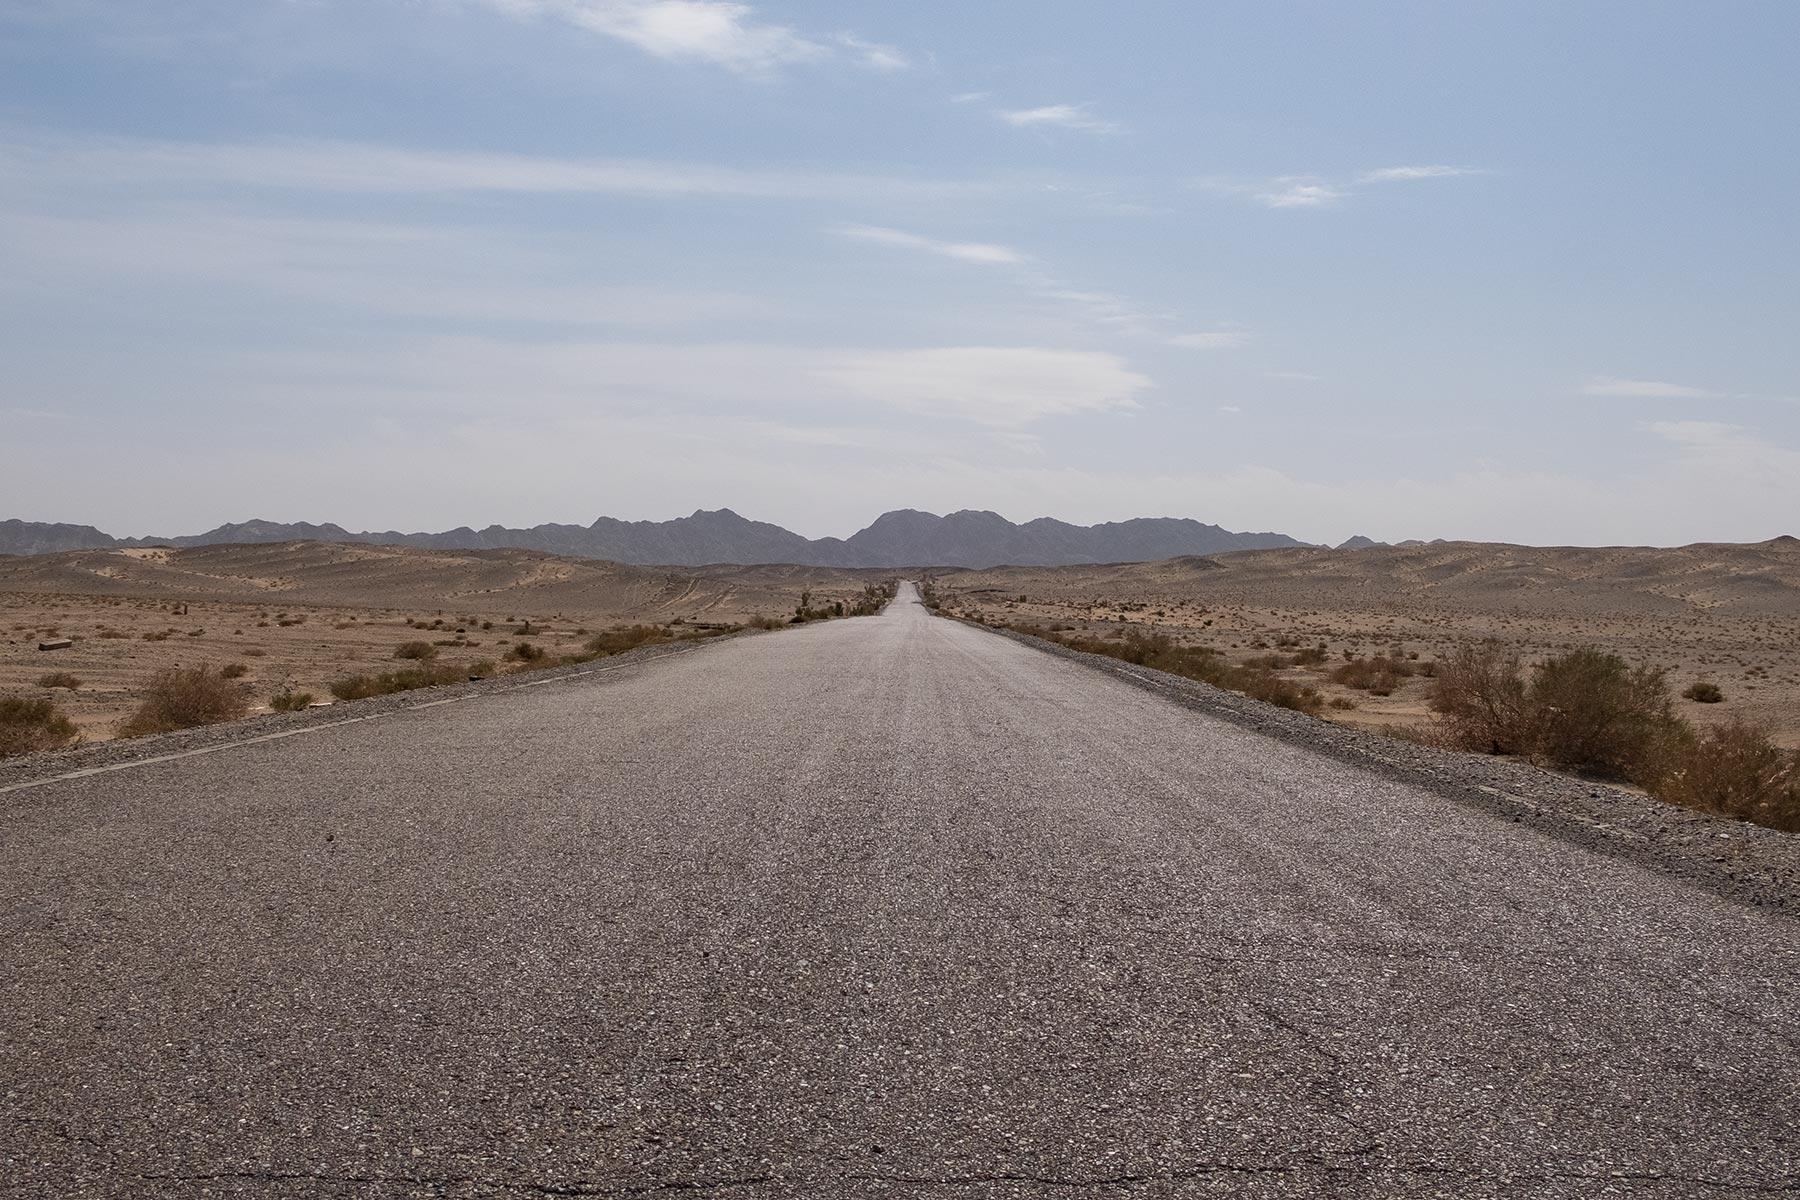 Lange gerade Straße in der Wüste in Gansu in China